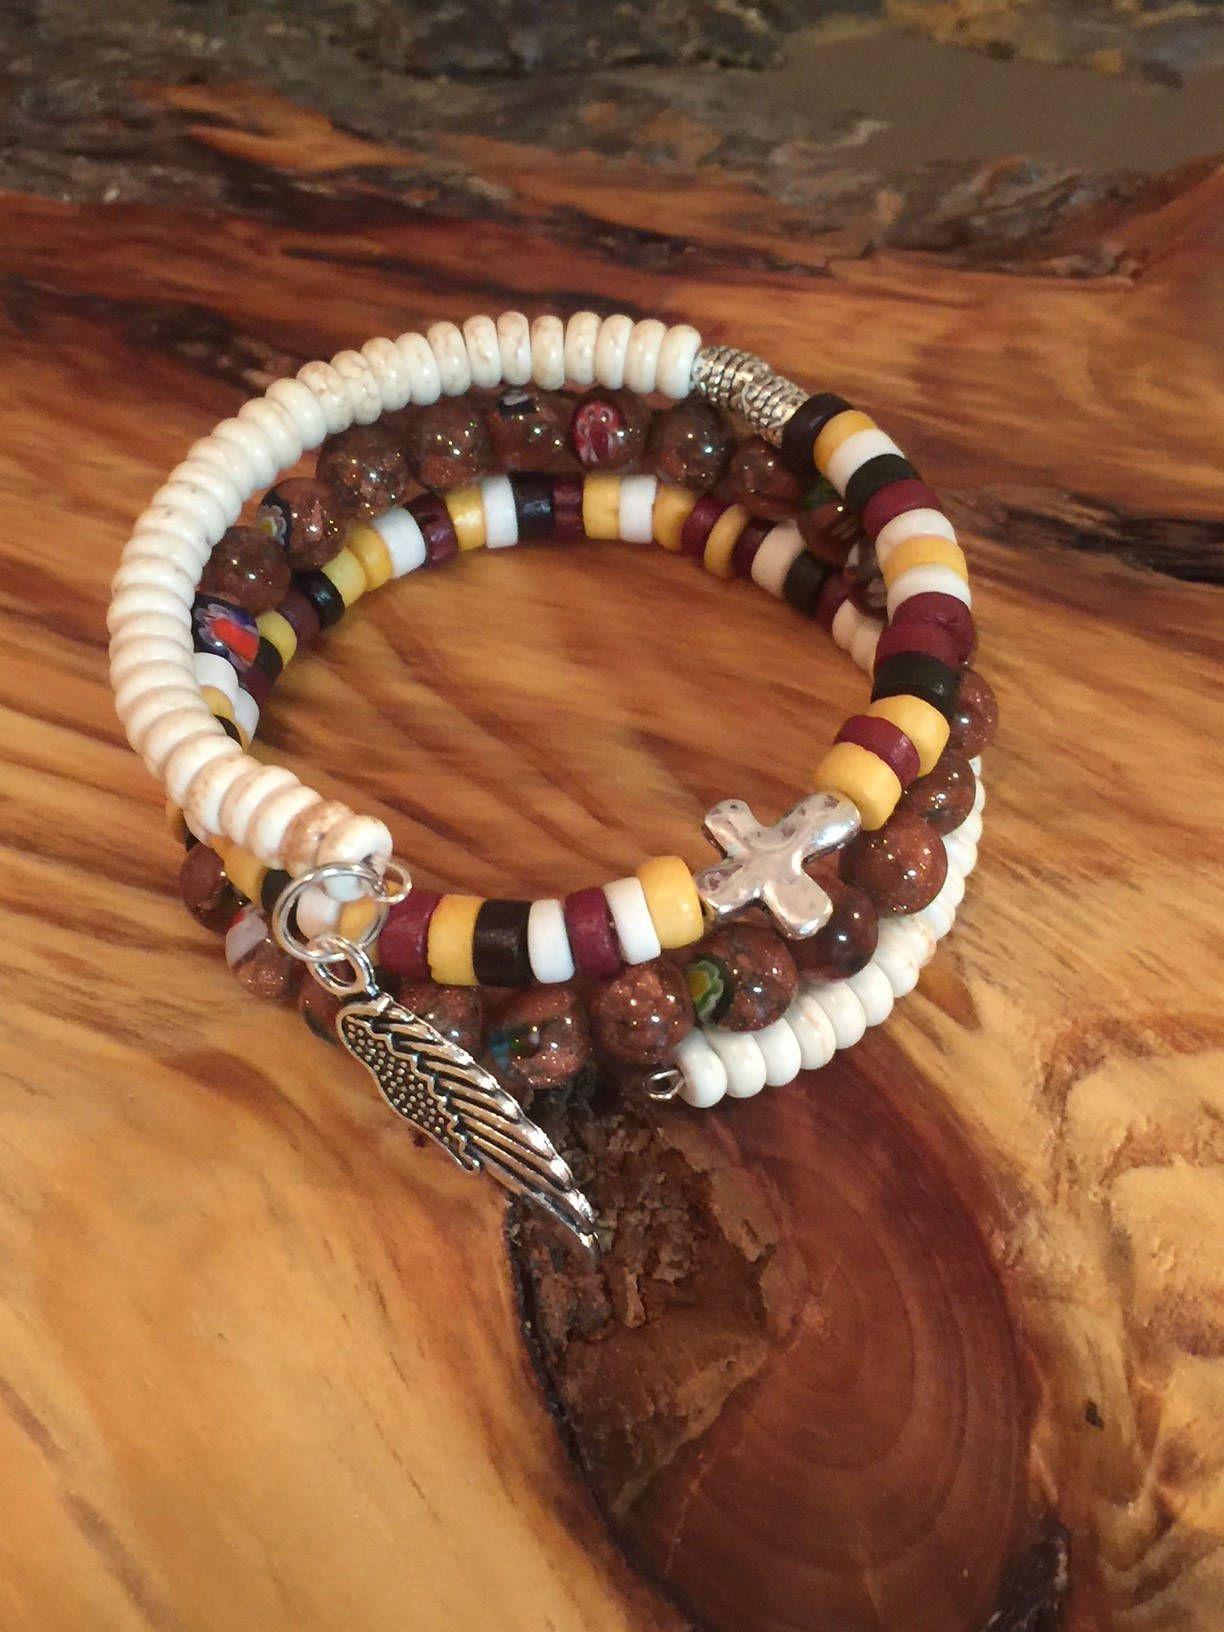 Beaded bohemian bracelet vintage bracelet memory wire bracelet women